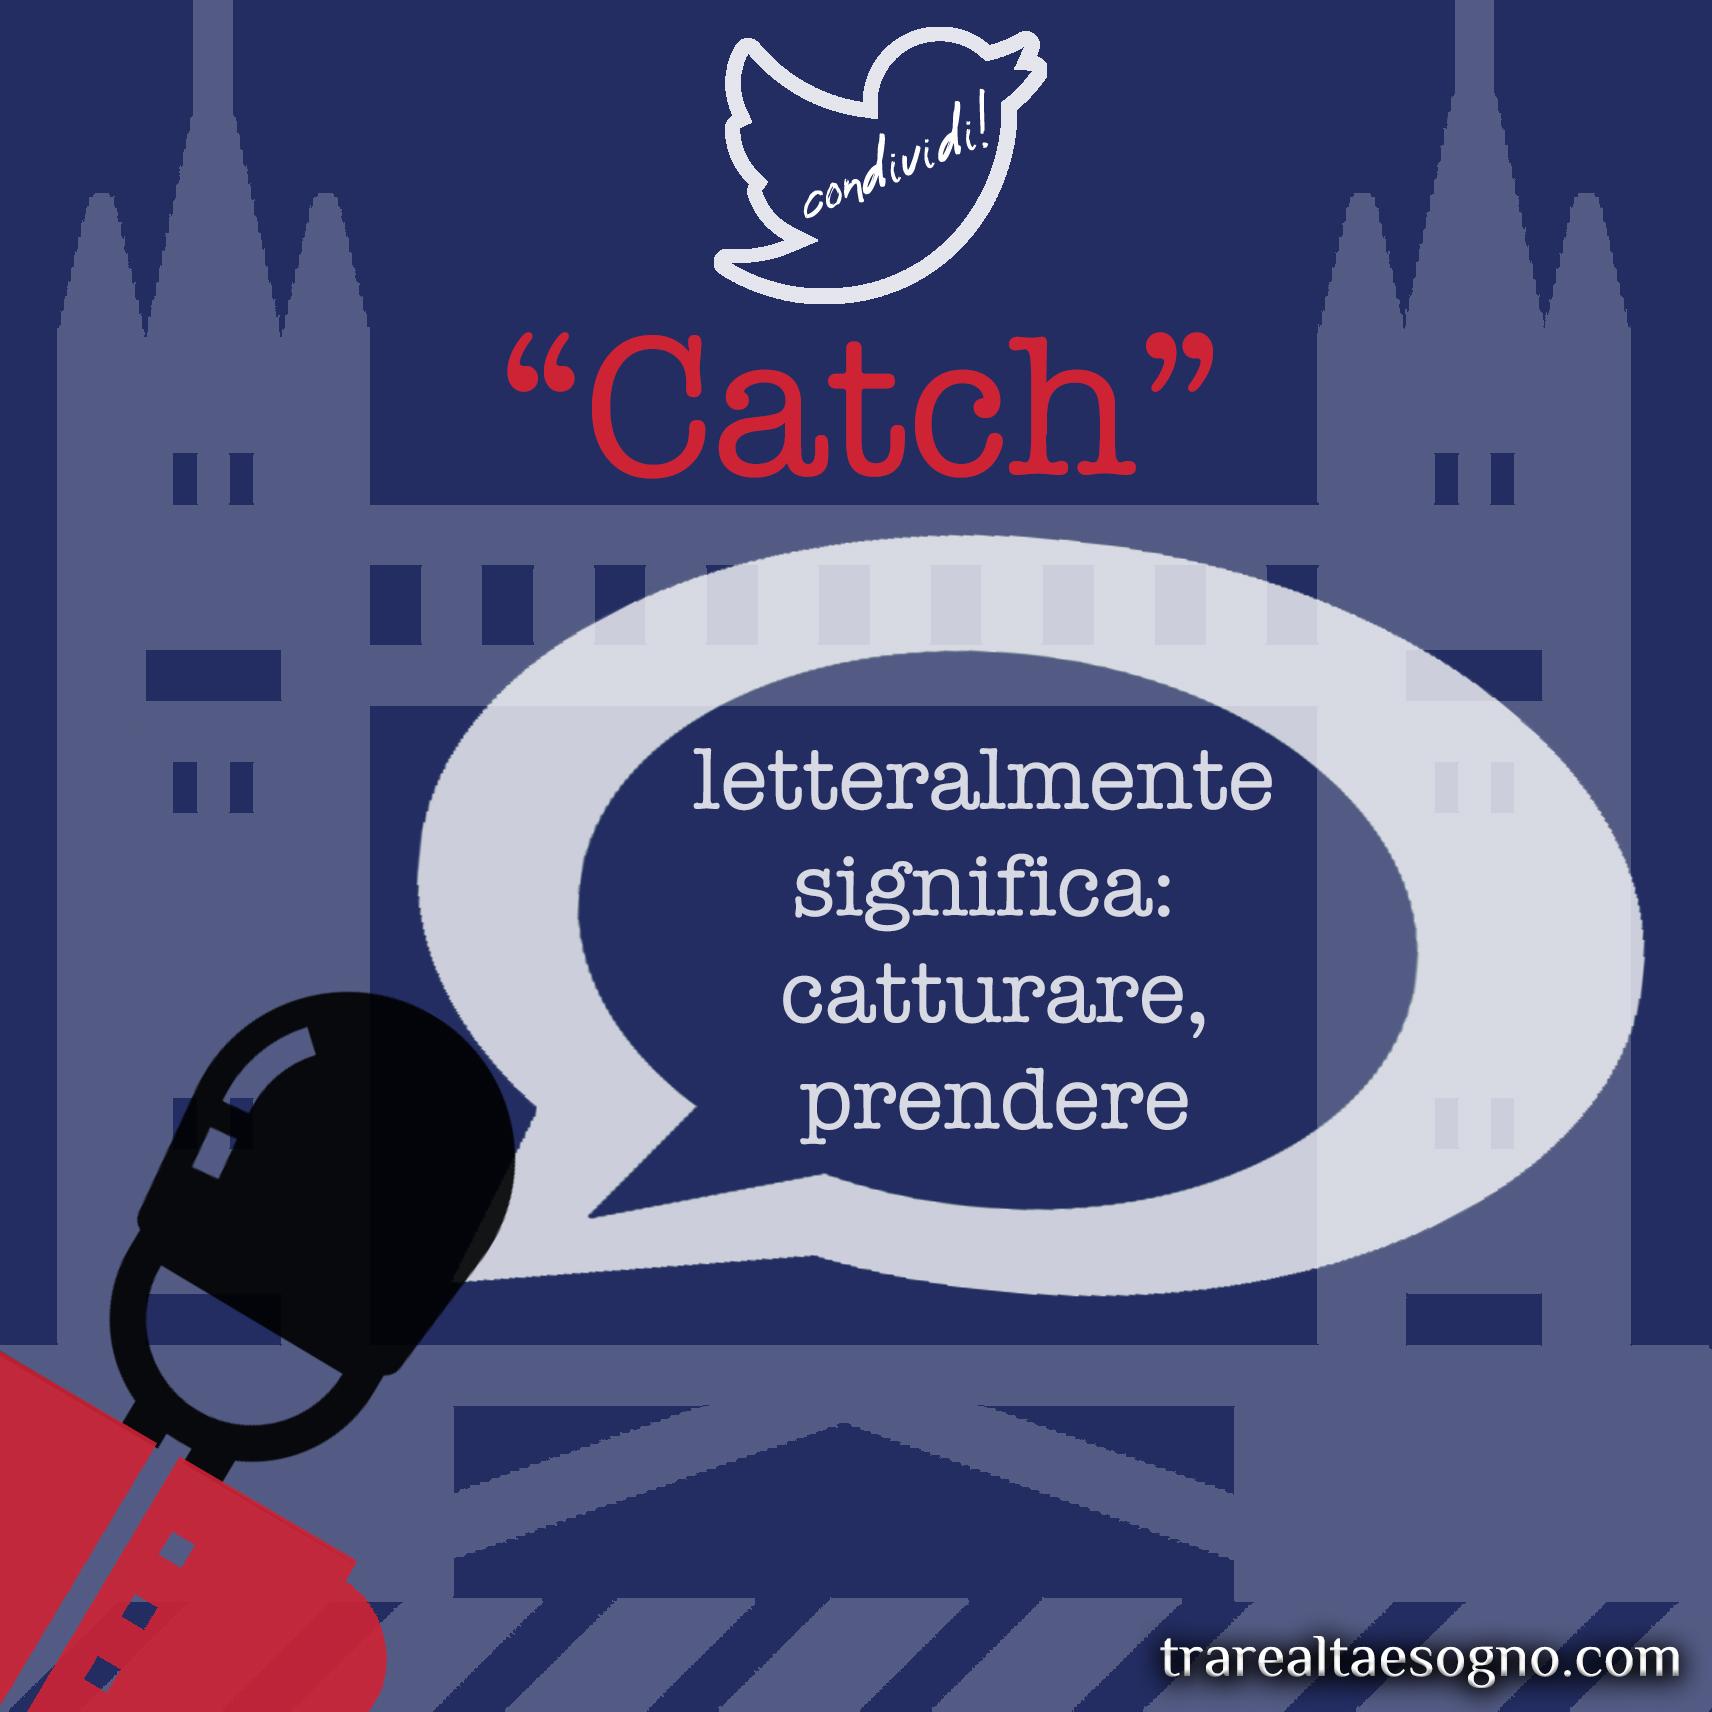 3catch